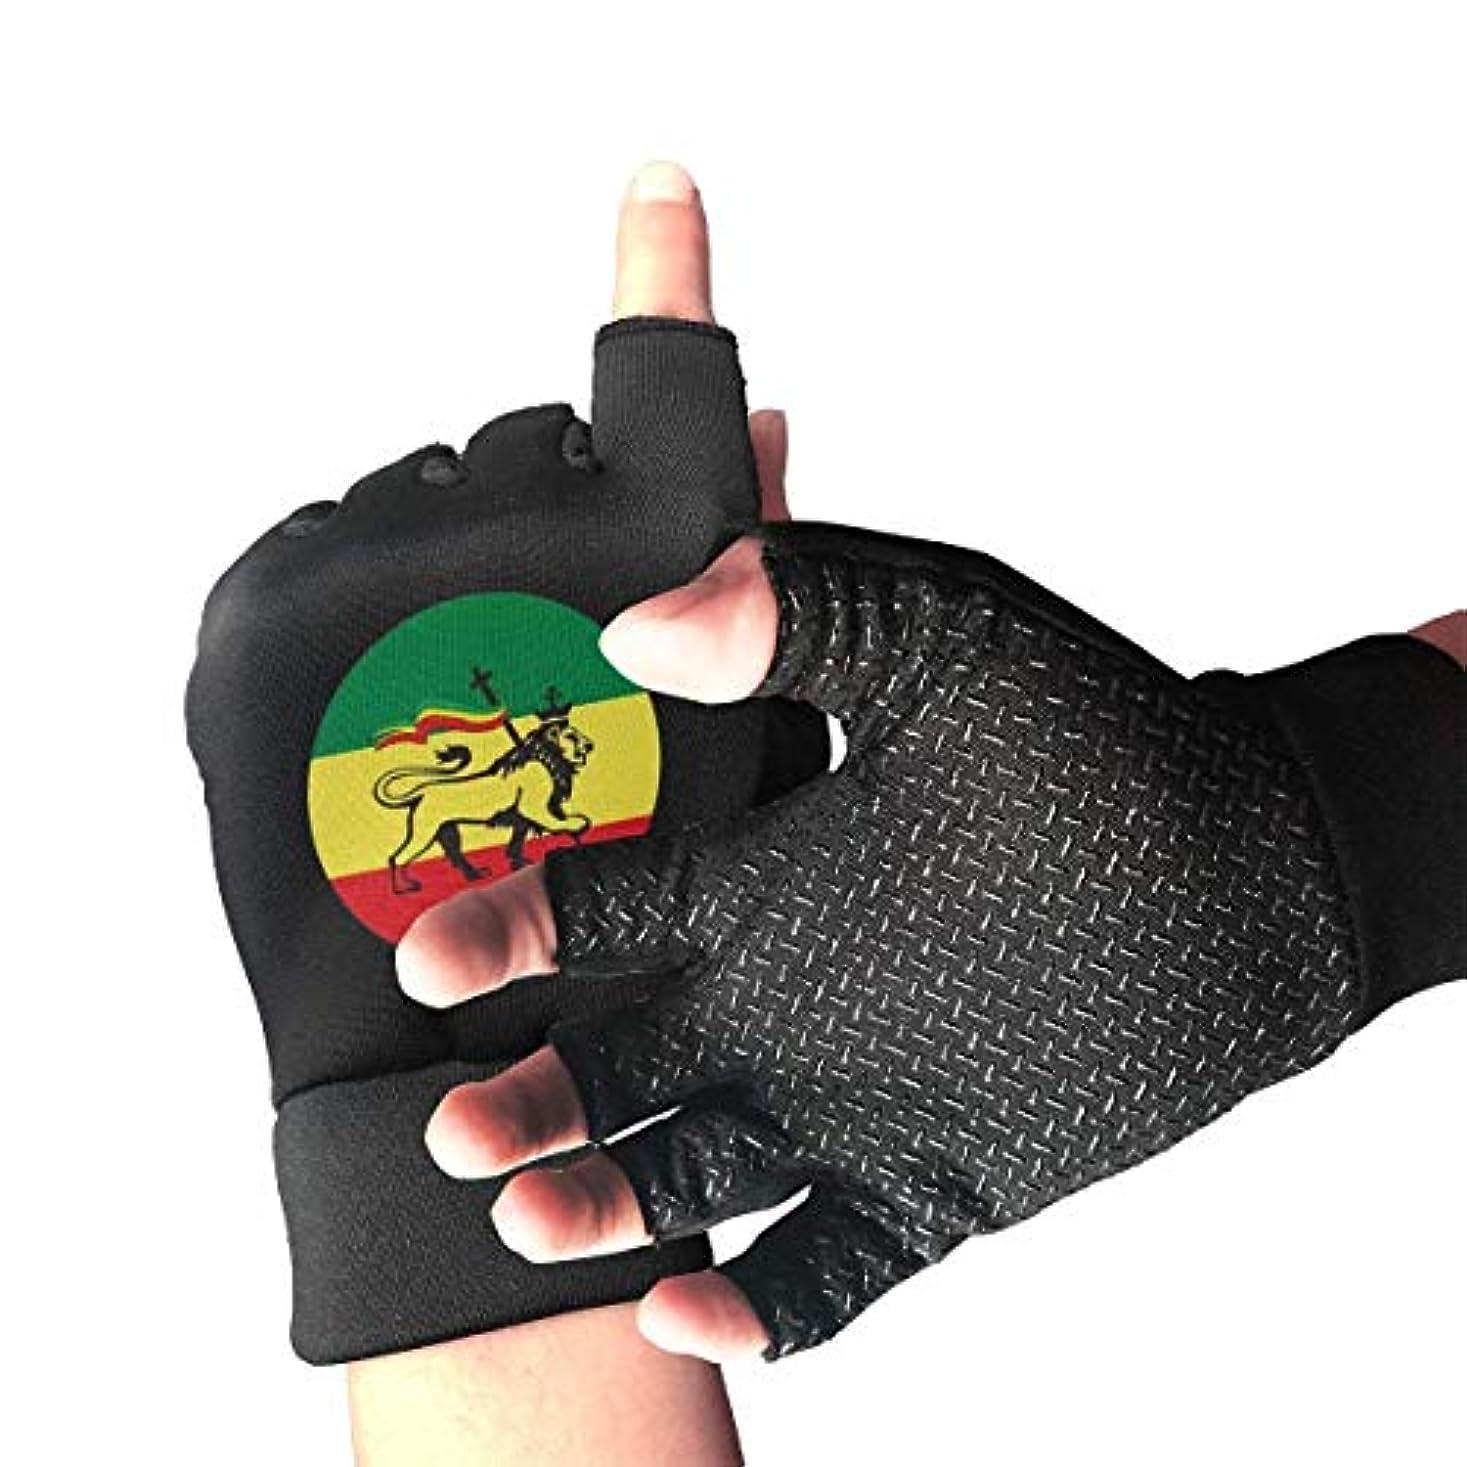 これまで放棄リンクユダのライオンエチオピアの国旗手袋/半手袋手袋バイク用手袋/サイクリングマウンテン手袋/滑り止め衝撃吸収性通気性メンズ/女性用手袋